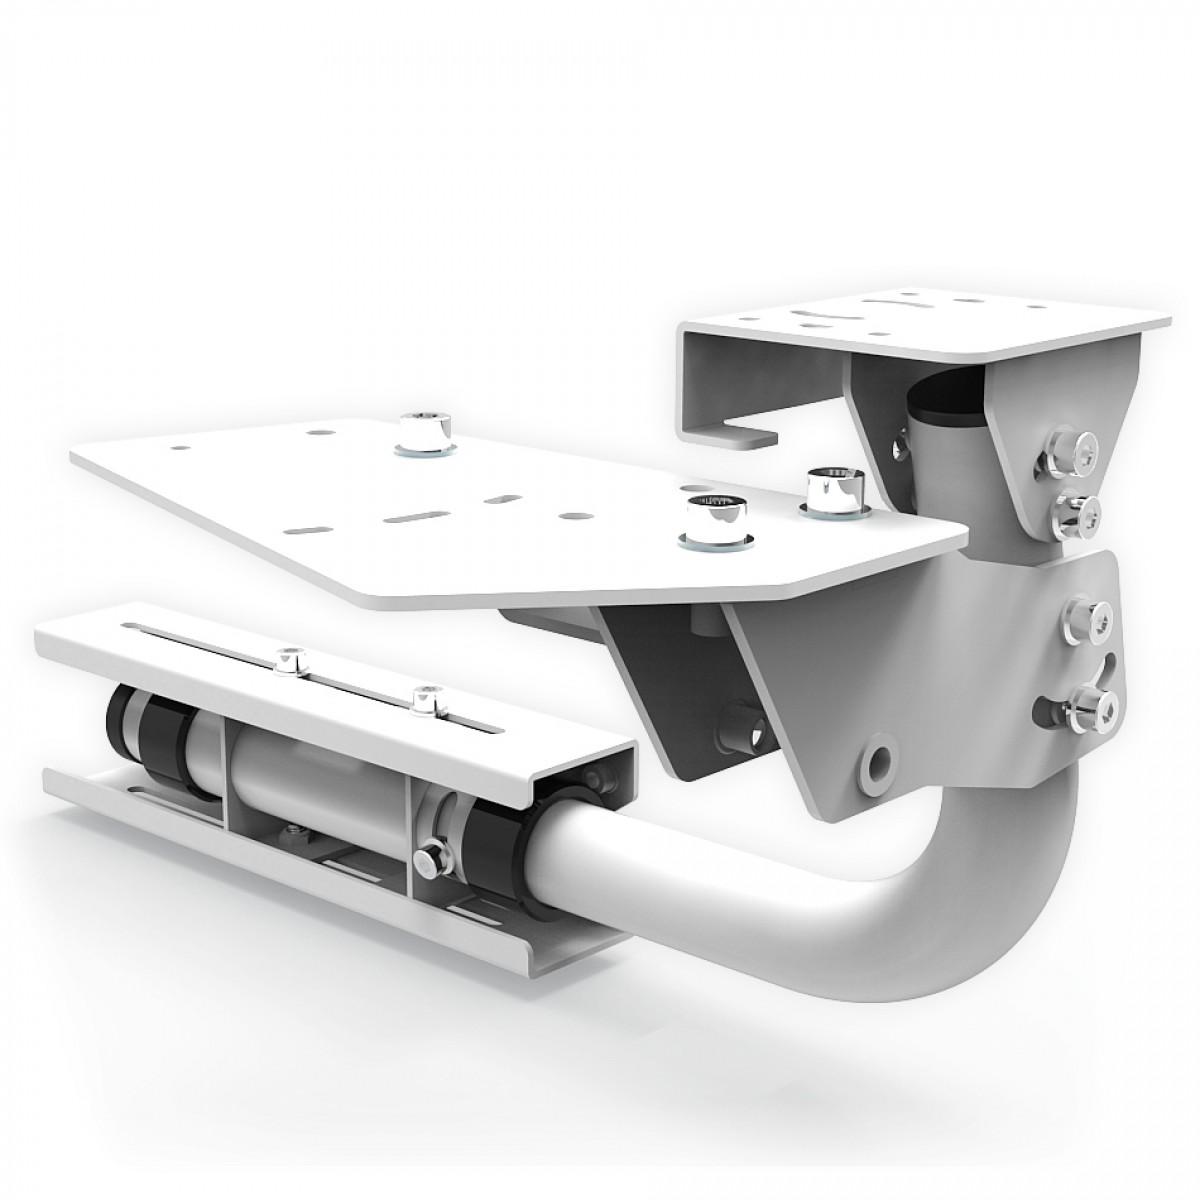 N1 Shifter/Handbrake Upgrade kit White